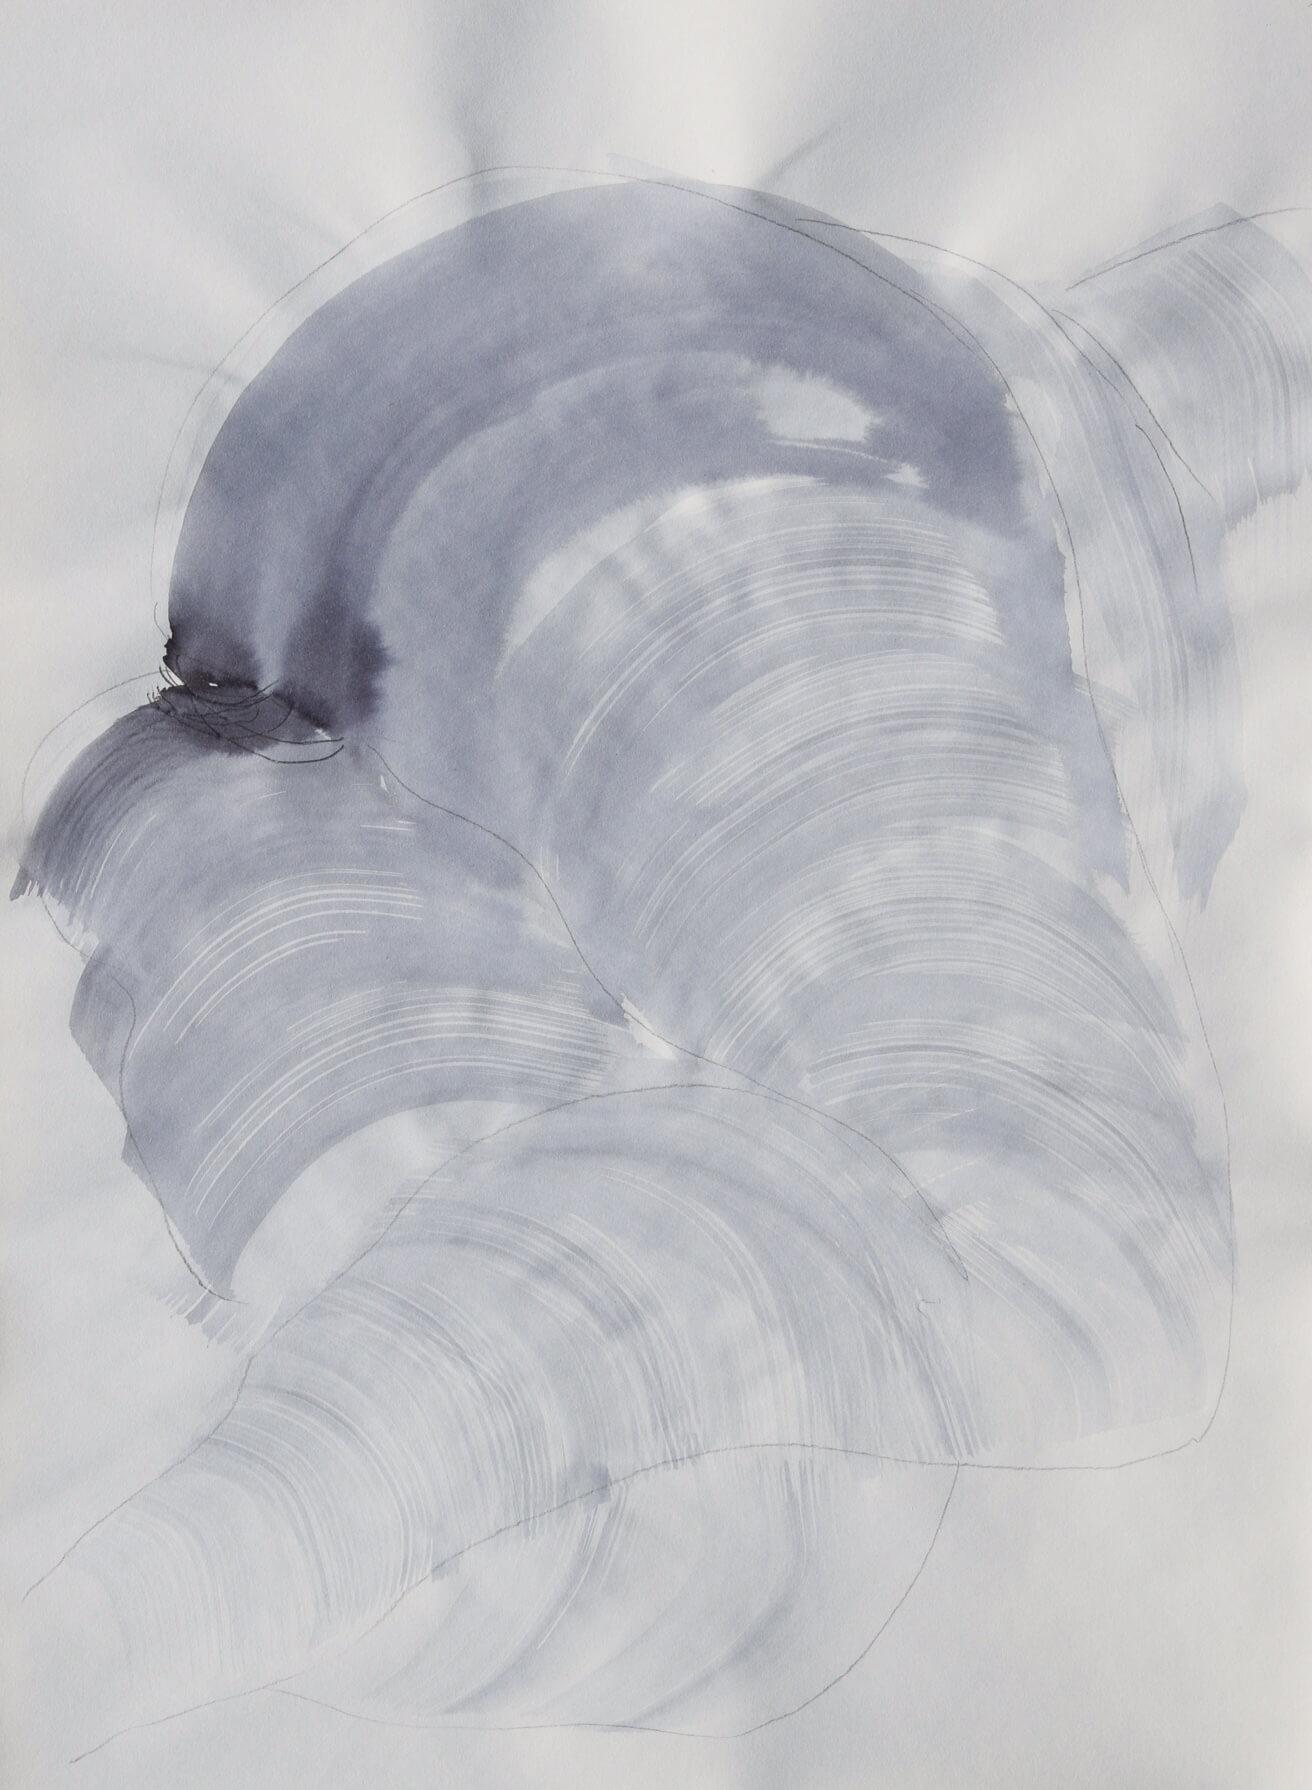 Federico Branchetti - Quadri dipinti - Corpo, acqua e nebbia 2019 - 6